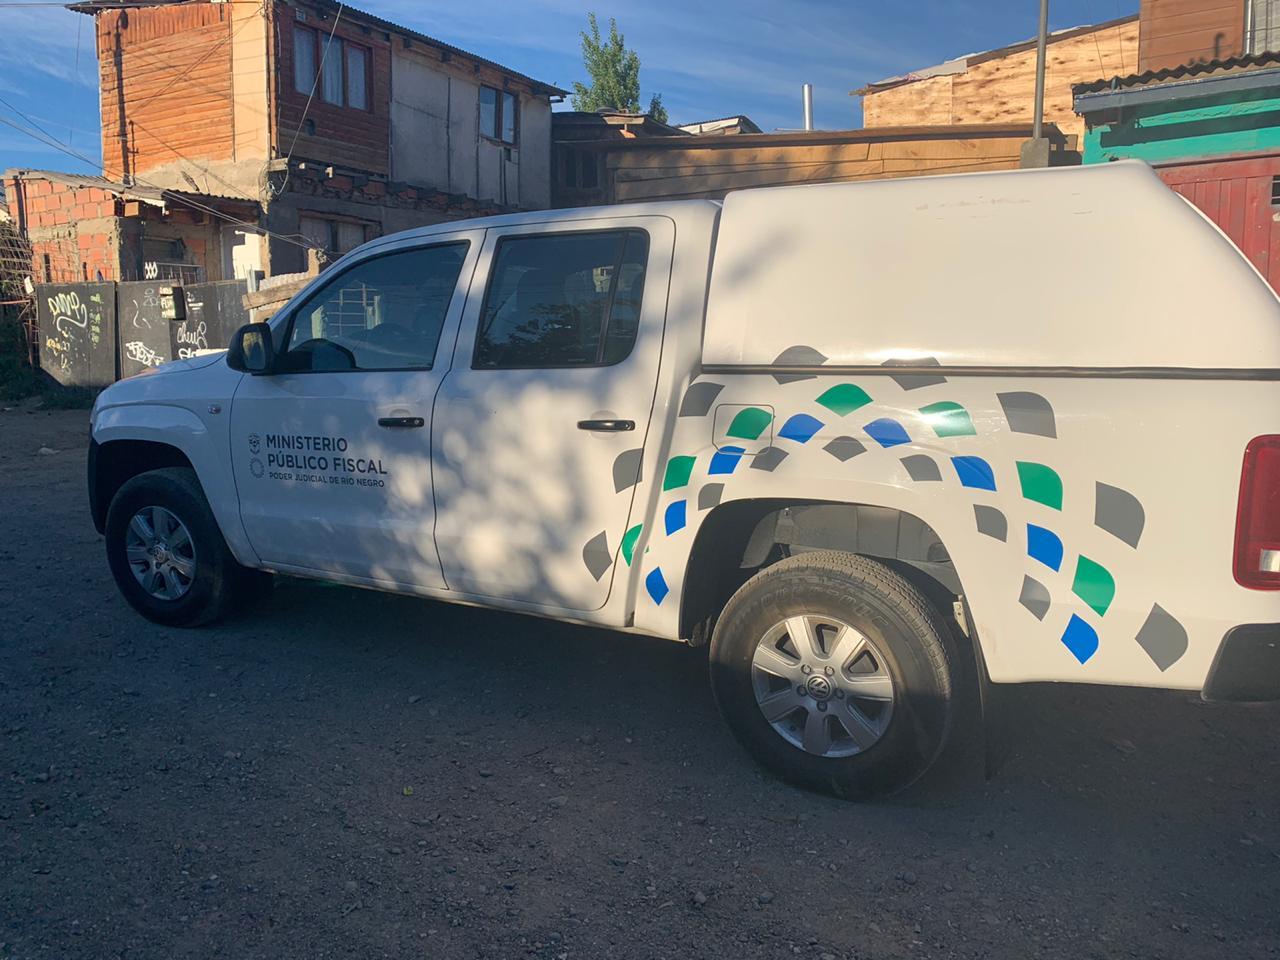 Amenazas de bomba, nuevo allanamiento en barrio Mutisias